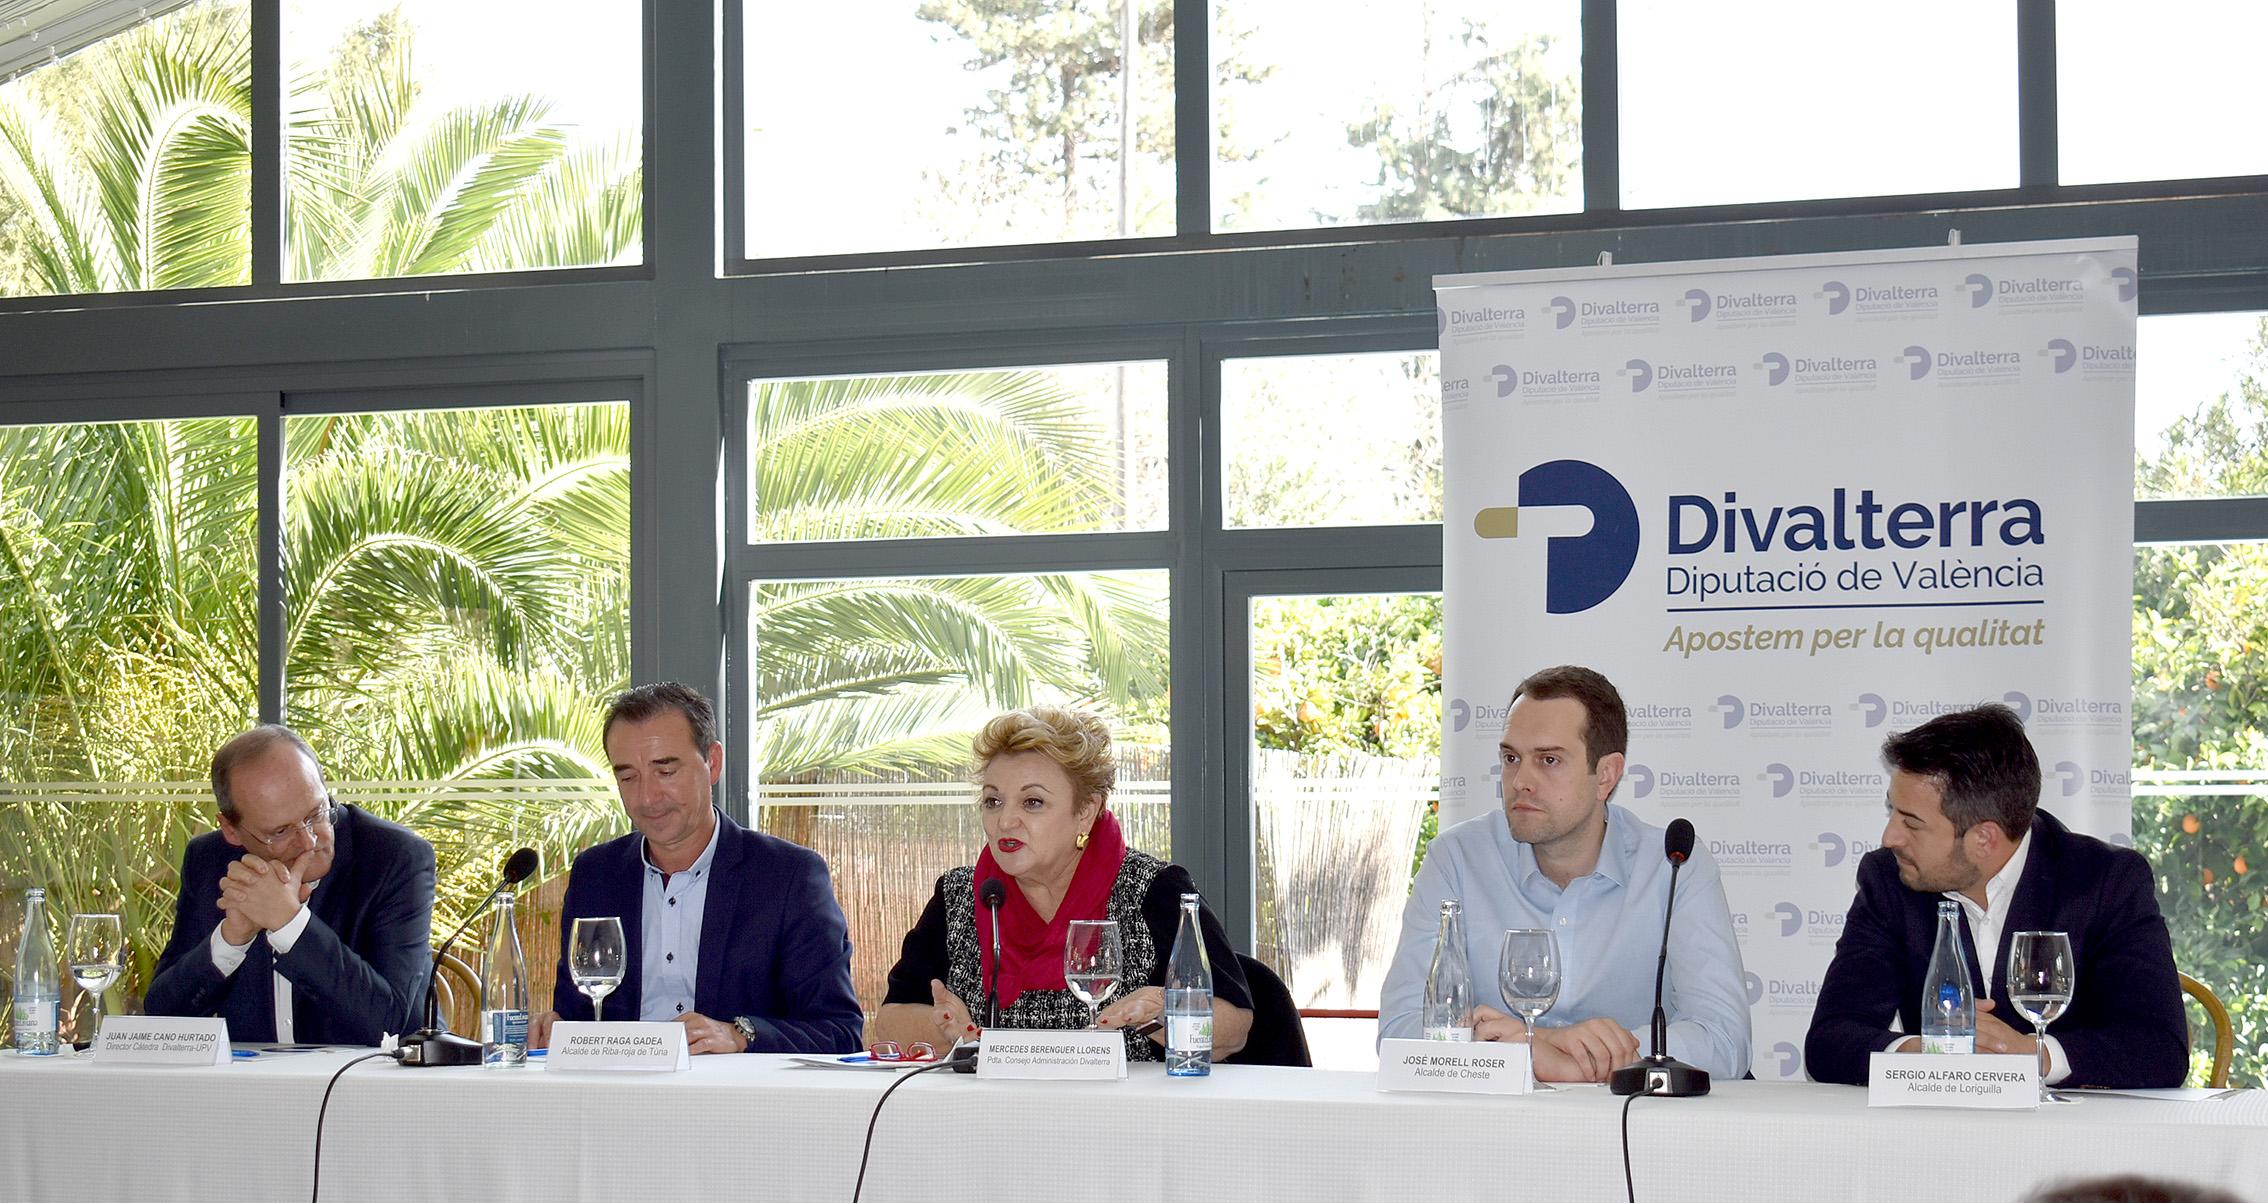 La diputada y presidenta del Consejo de Administración de Divalterra, Mercedes Berenguer, presenta el estudio elaborado por la Cátedra Divalterra, que se ha desarrollado en la Universitat Politècnica de València (UPV).